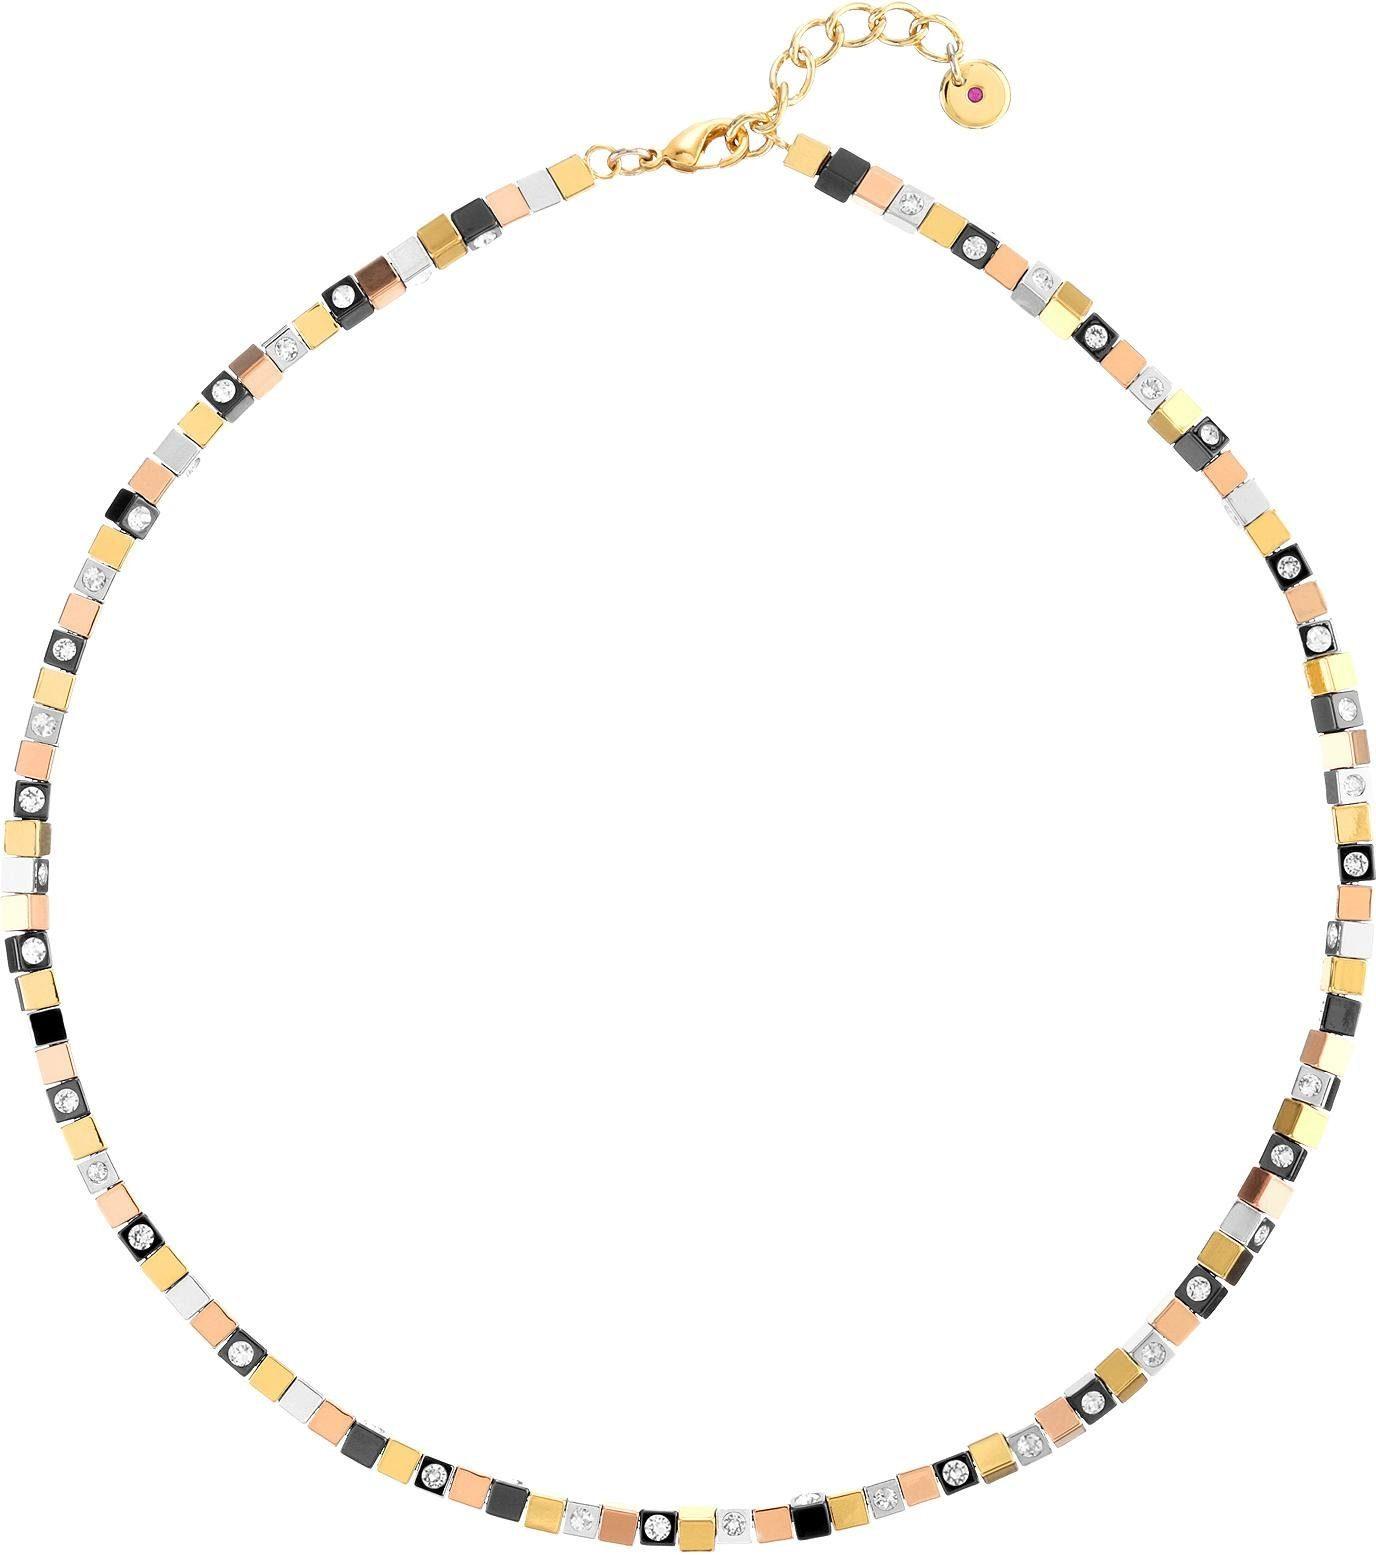 Lolaandgrace Collier »CUBE COLLIER, 5183026«, mit Swarovski® Kristallen